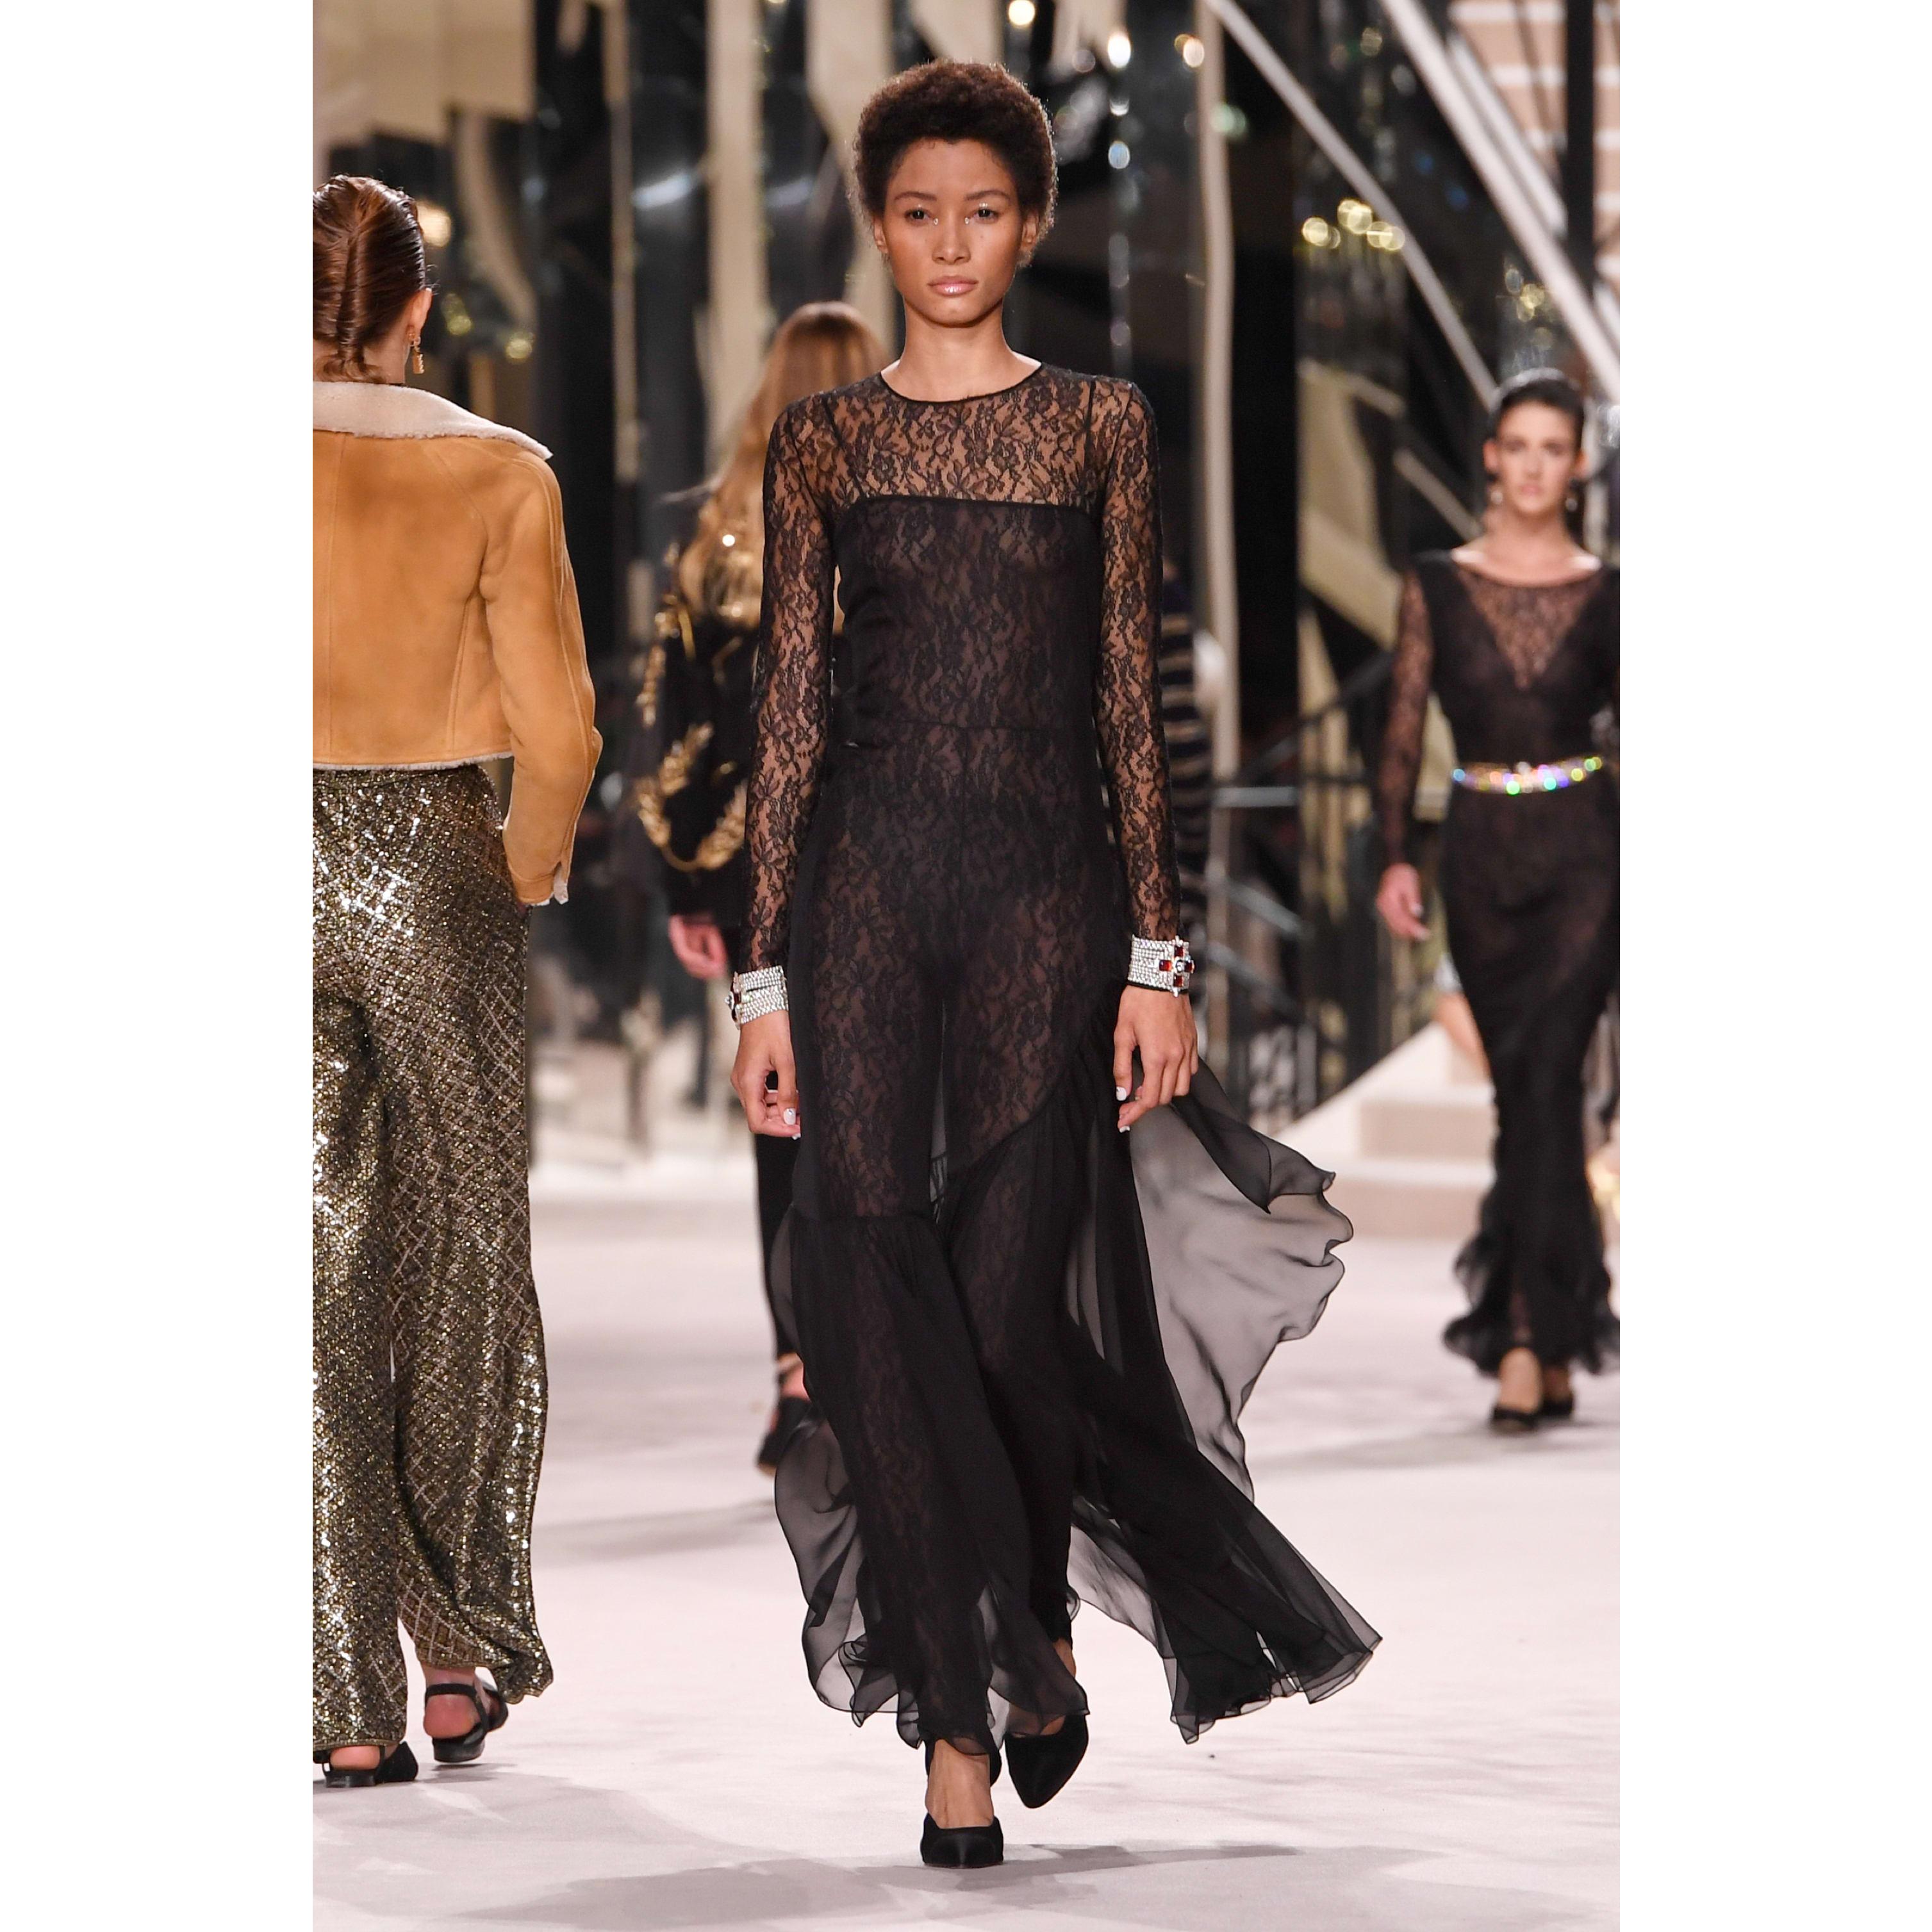 洋裝 - 黑 - 真絲絲透紗 - CHANEL - 預設視圖 - 查看標準尺寸版本